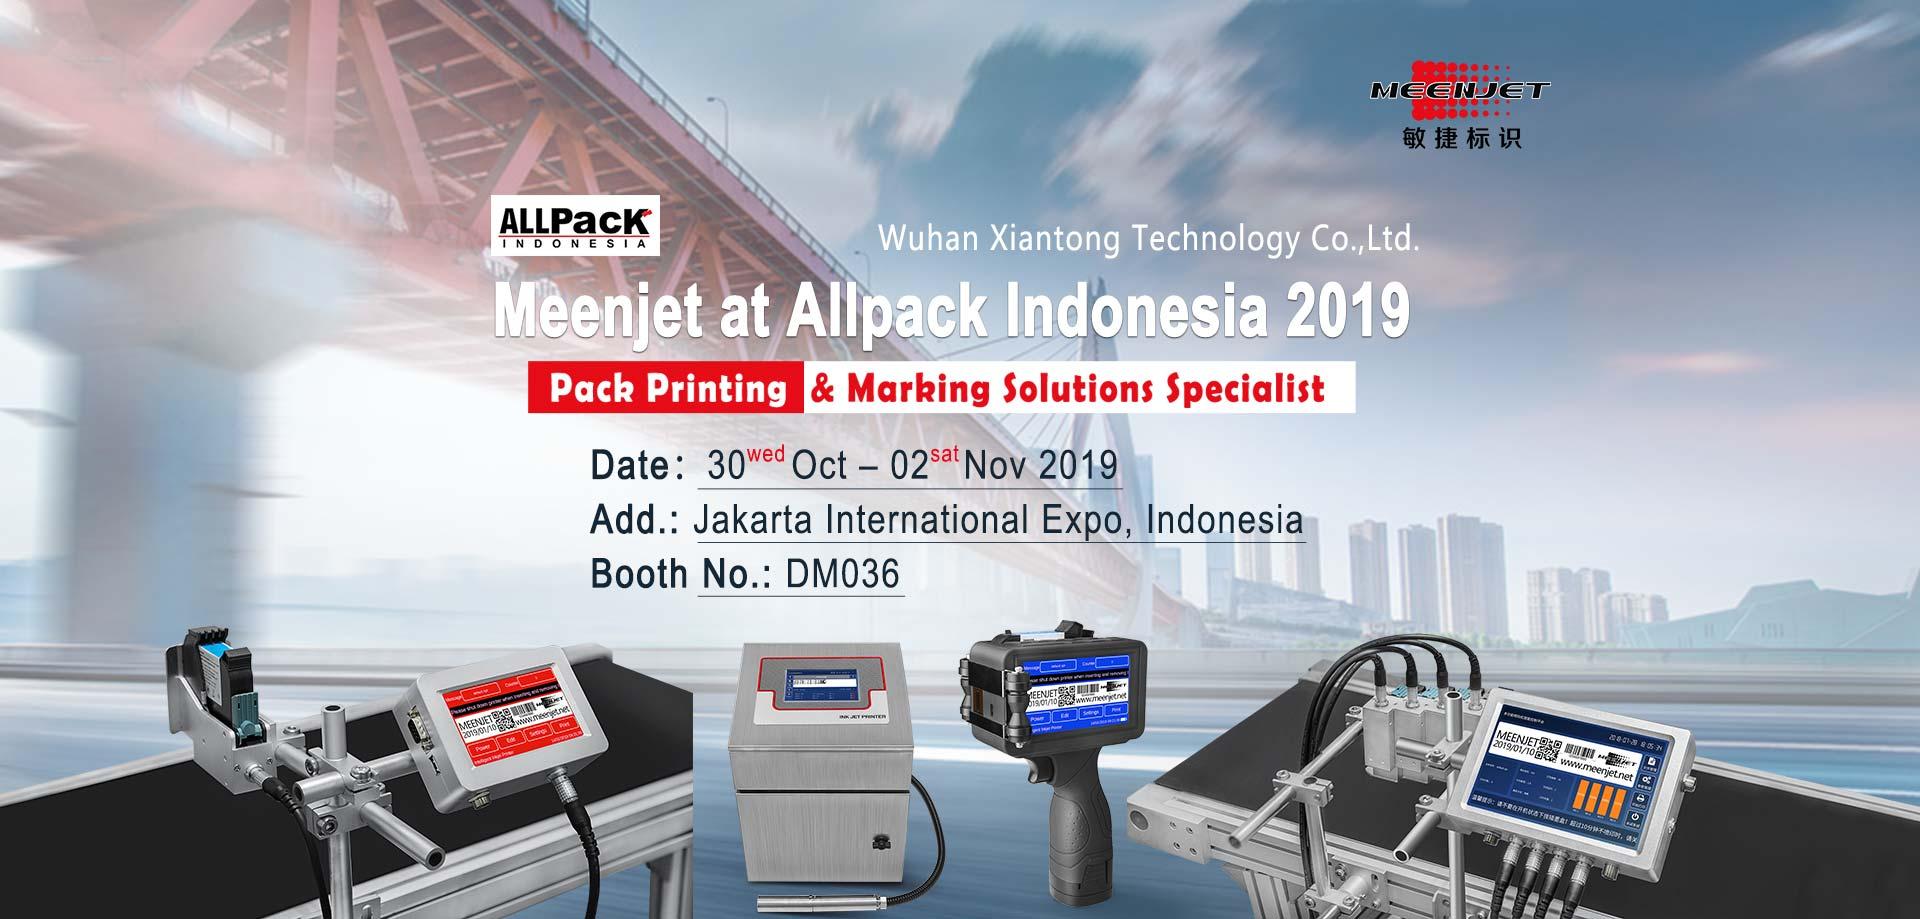 meenjet allpack indonesia 2019